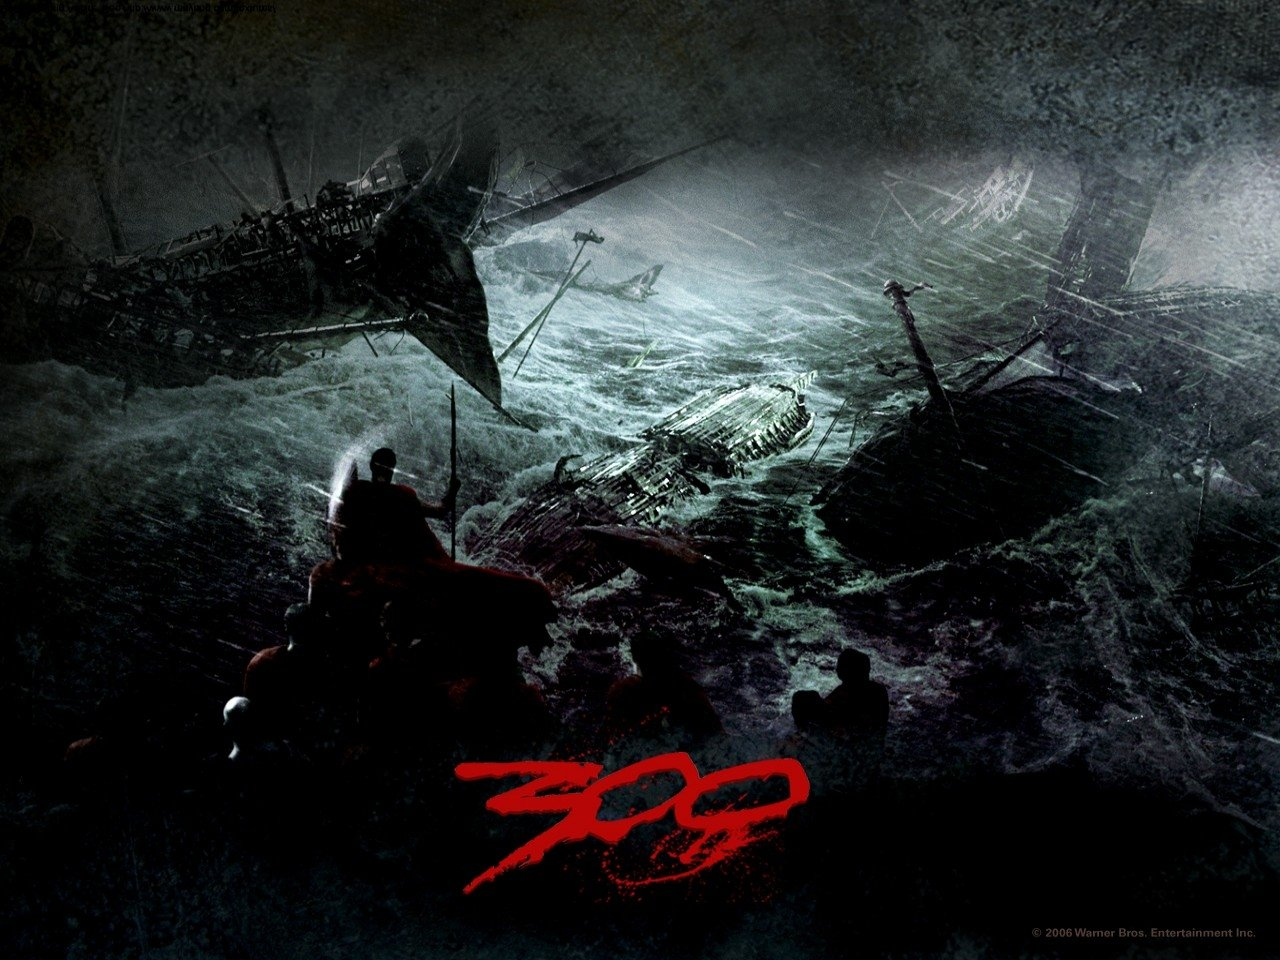 Wallpaper del film 300